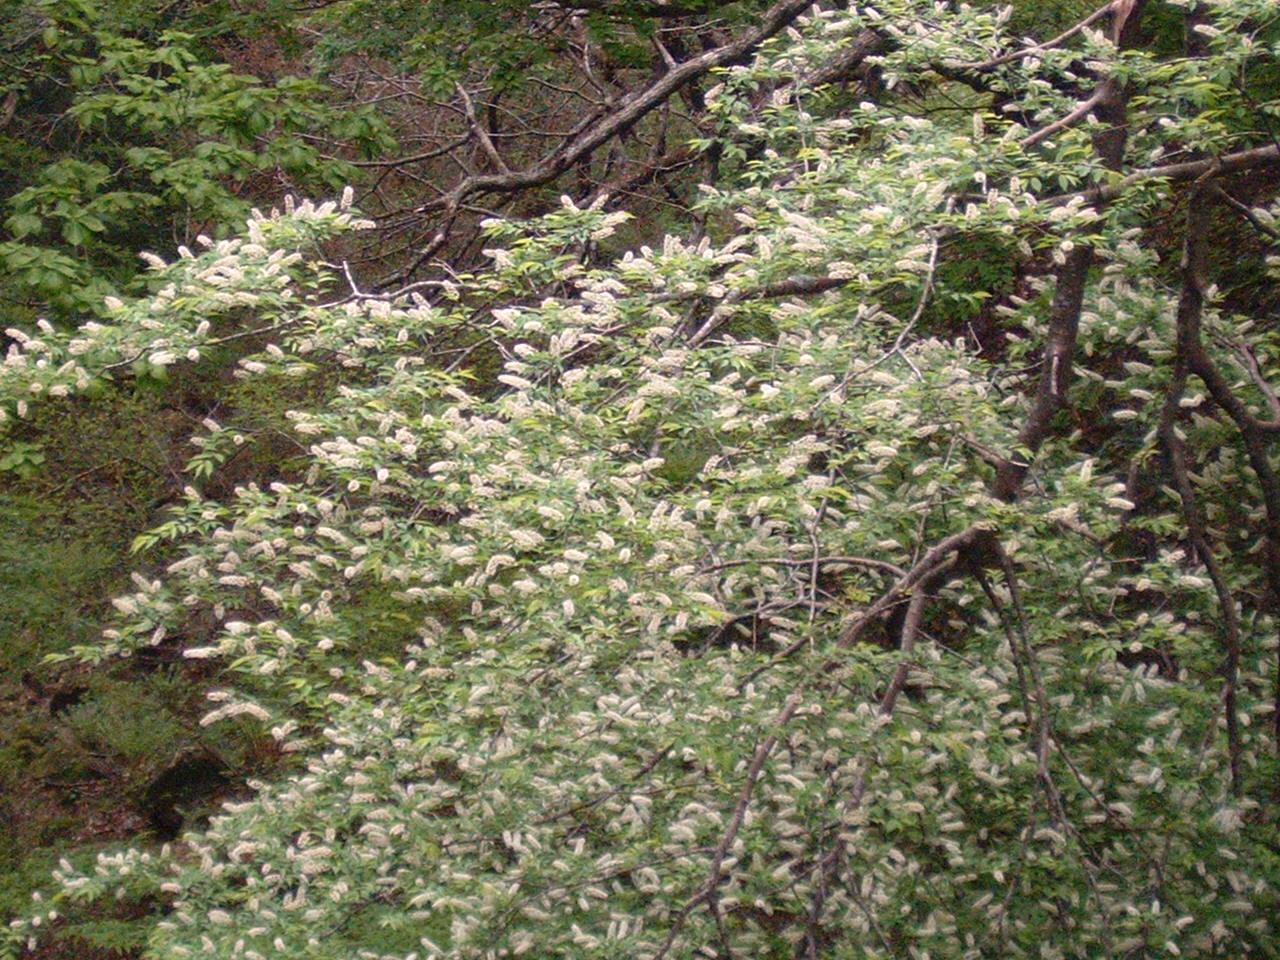 鳥取県大山寺周辺の植物   by (岡田)_c0239329_146230.jpg